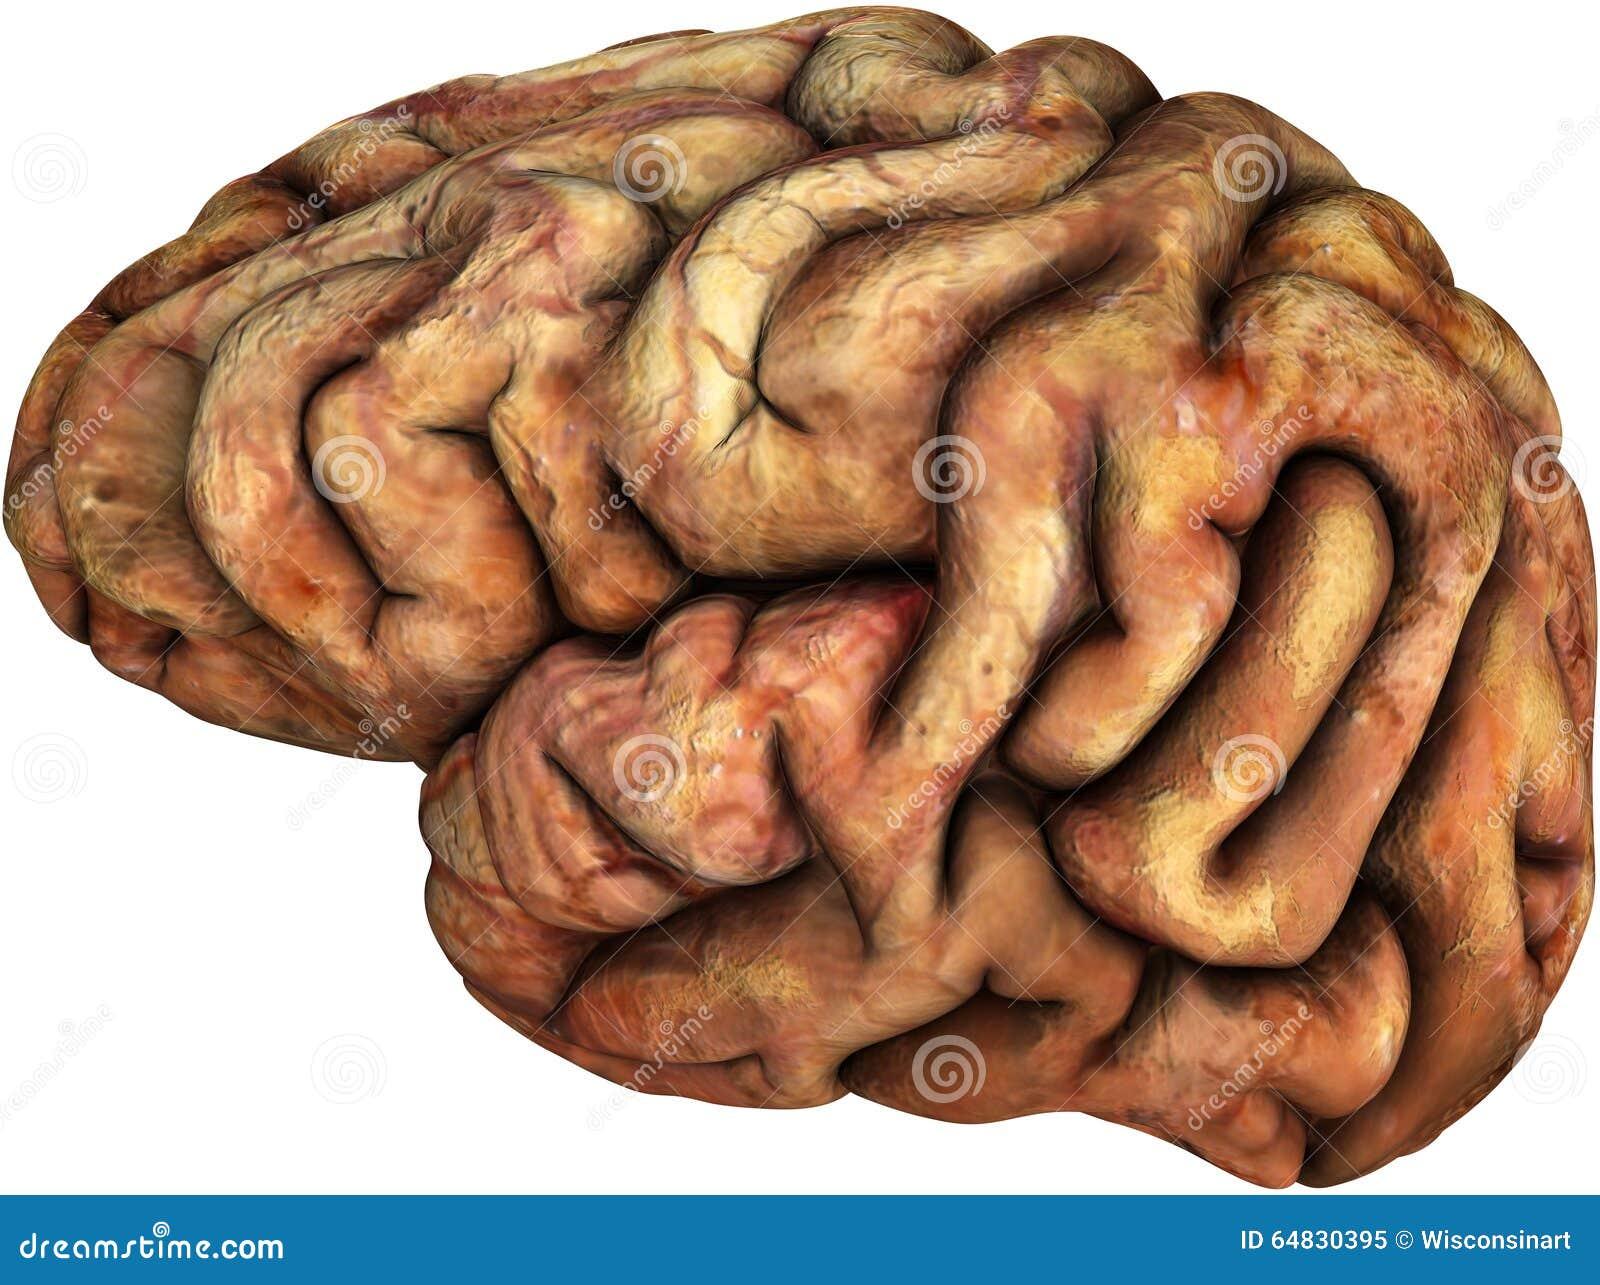 Ser Humano Brain Illustration Isolated, Partes Del Cuerpo Imagen de ...